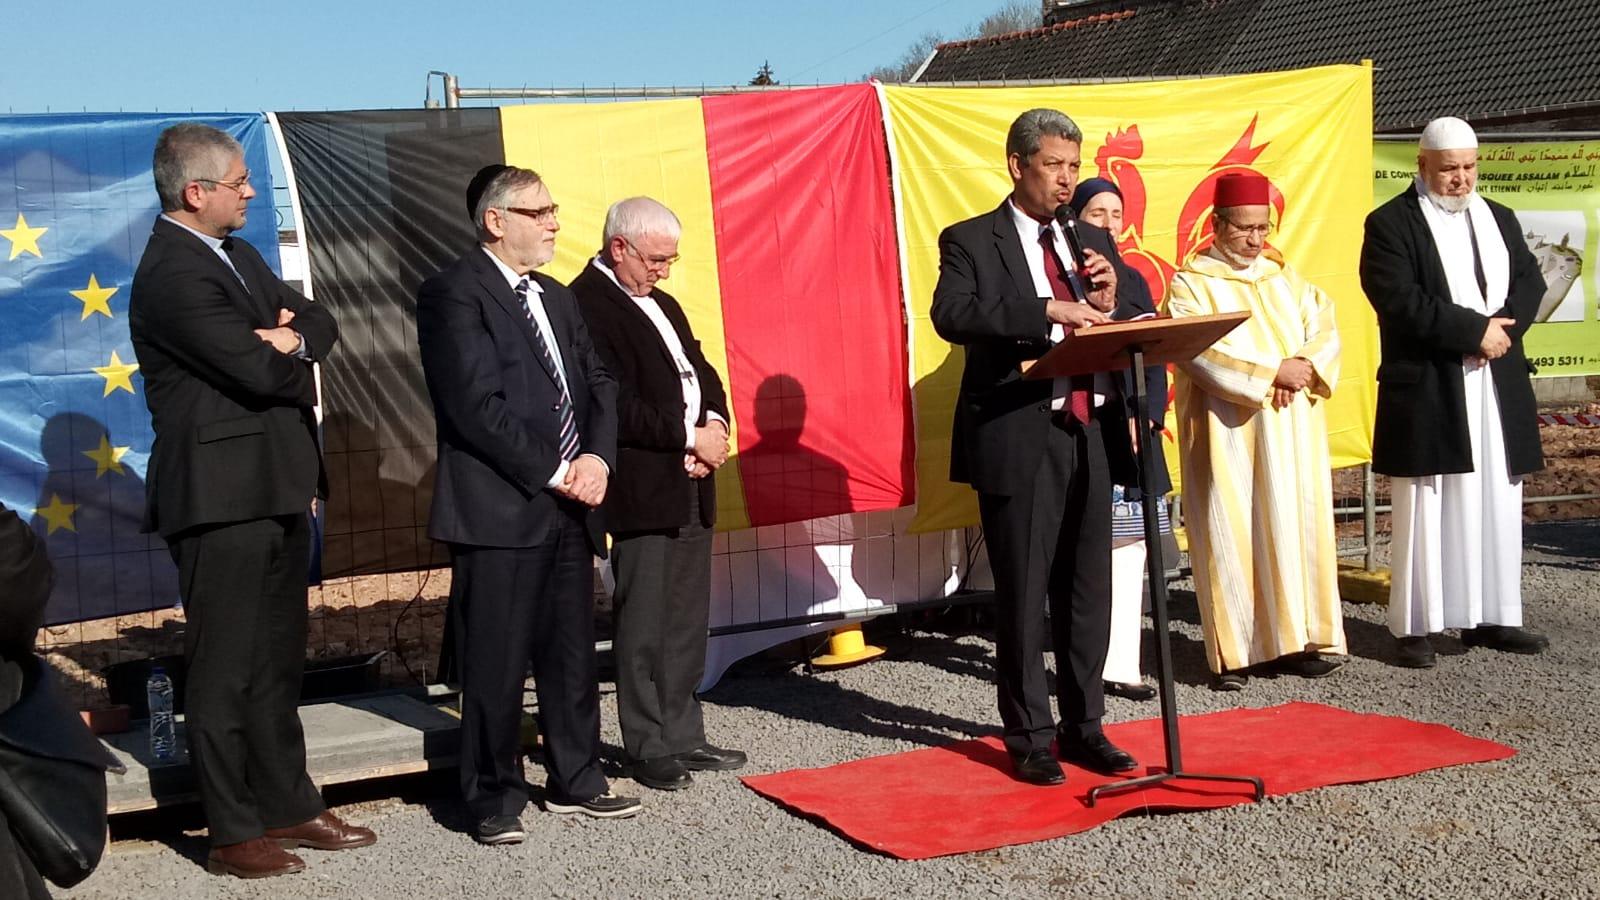 بحضور سفير المملكة المغربية ببلجيكا و شخصيات مهمة تدشين بناء صرح ديني كبير بمدينة كورت سانت إتيان البلجيكية.